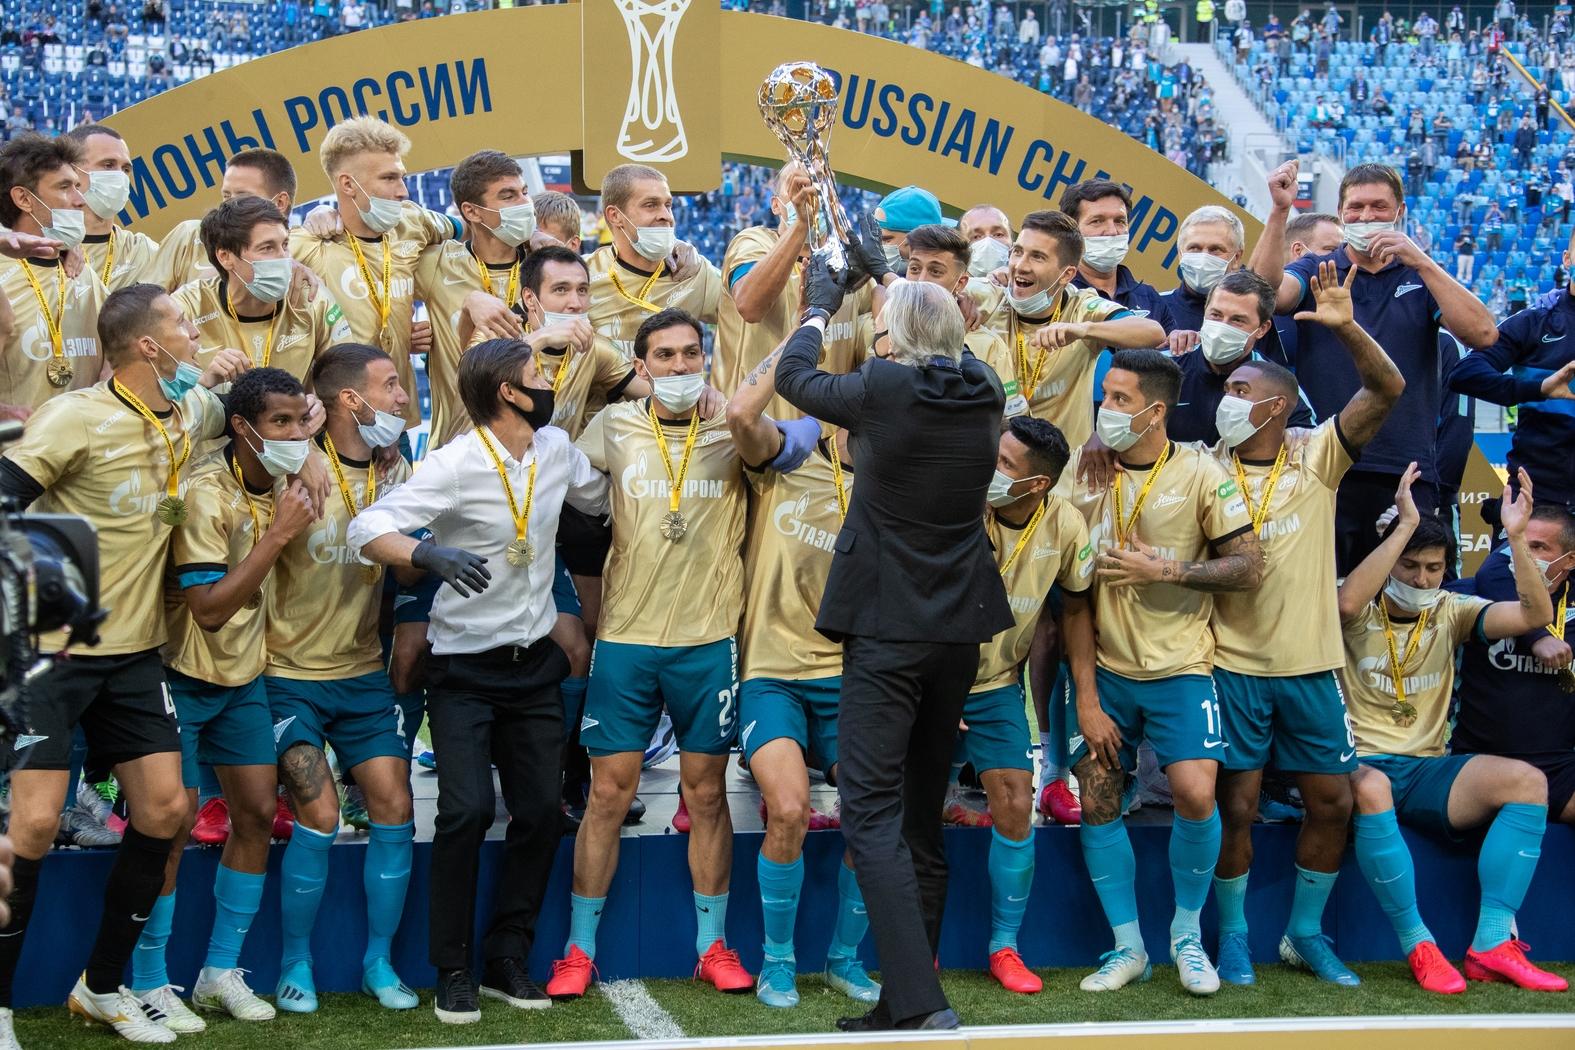 ФК Зенит чемпион России 2019/20